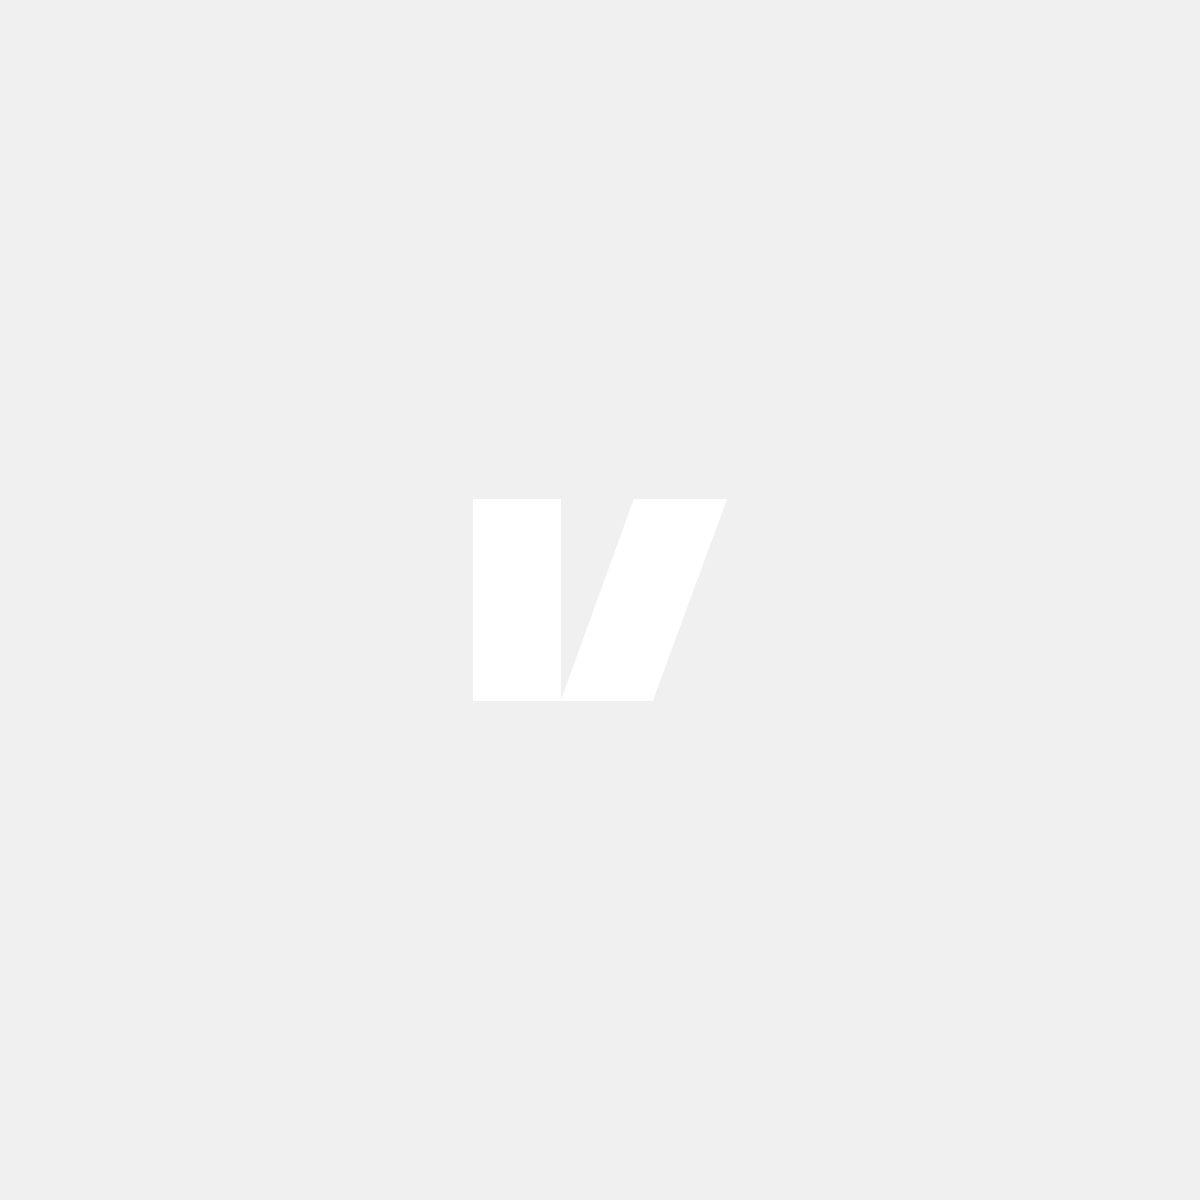 Läderklätt innerhandtag till Volvo S60, V70, XC70, höger fram